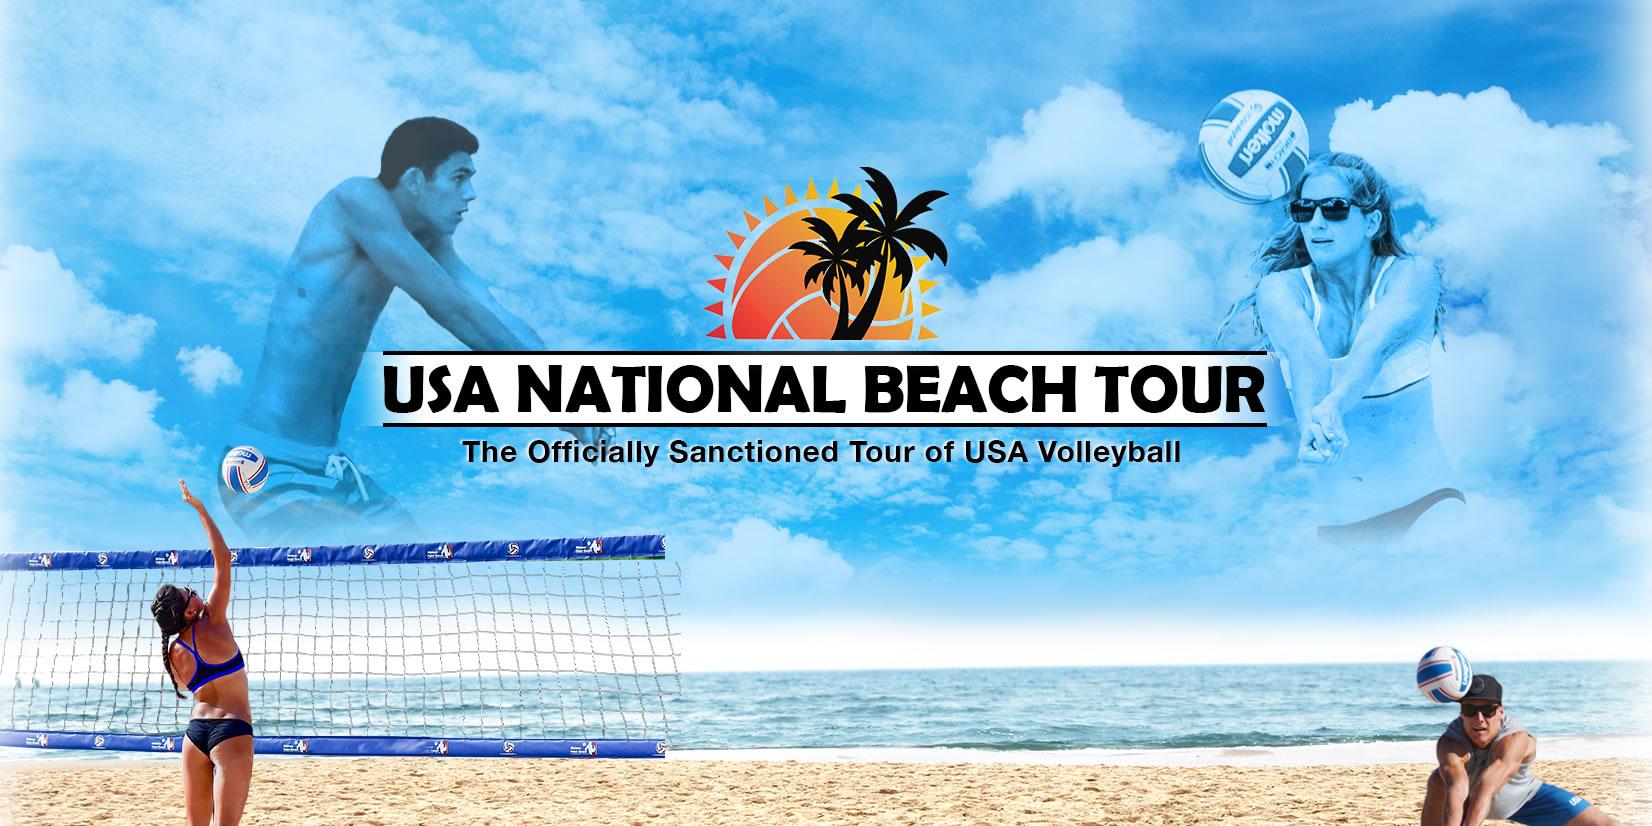 usa national beach volleyball tour